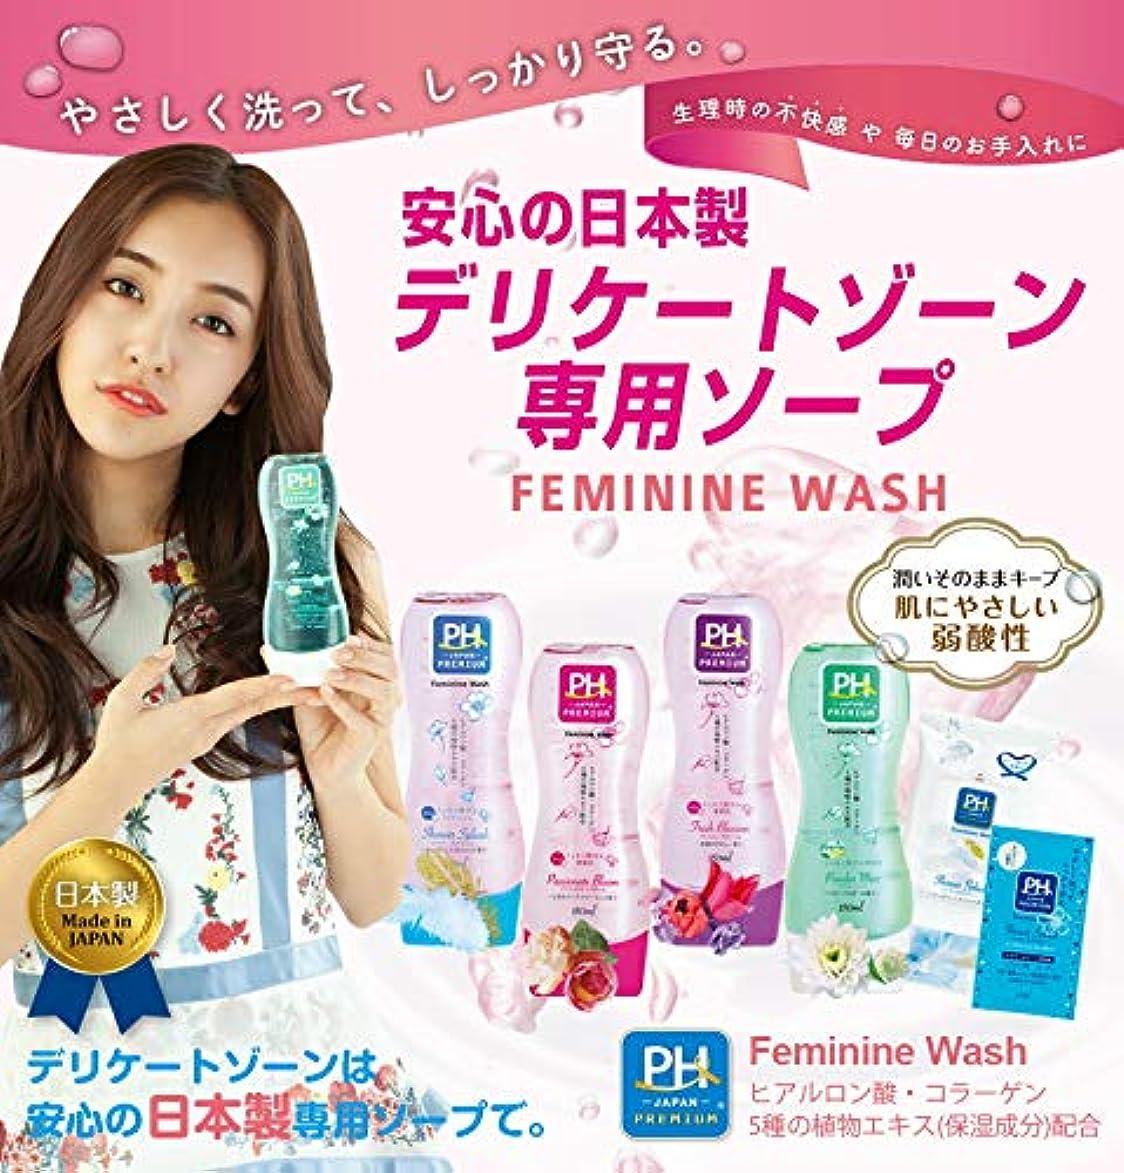 胚インポート基準パッショネイトブルーム4本セット PH JAPAN フェミニンウォッシュ 上品なローズフローラルの香り